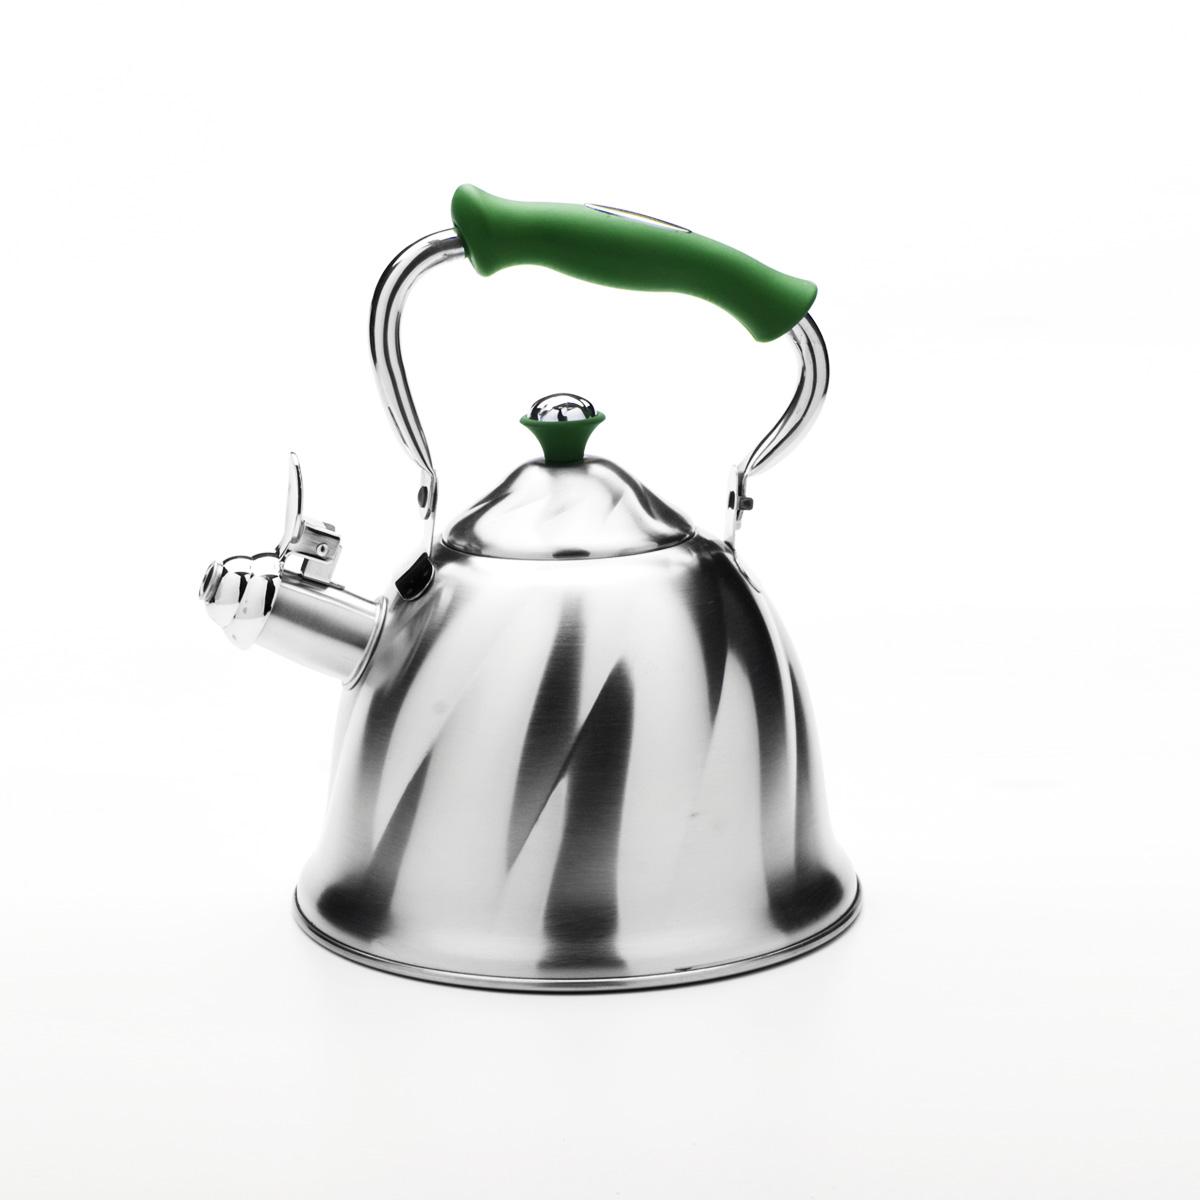 Чайник Mayer & Boch со свистком, цвет: зеленый, 3 л. 23775115610Чайник Mayer & Boch выполнен из высококачественной нержавеющей стали, что обеспечивает долговечность использования. Внешнее матовоепокрытие придает приятный внешний вид. Фиксированная ручка из бакелита делает использование чайника очень удобным и безопасным. Чайник снабжен свистком и устройством для открывания носика. Можно мыть в посудомоечной машине. Пригоден для всех видов плит, кроме индукционных. Высота чайника (без учета крышки и ручки): 13 см.Диаметр основания: 21 см.